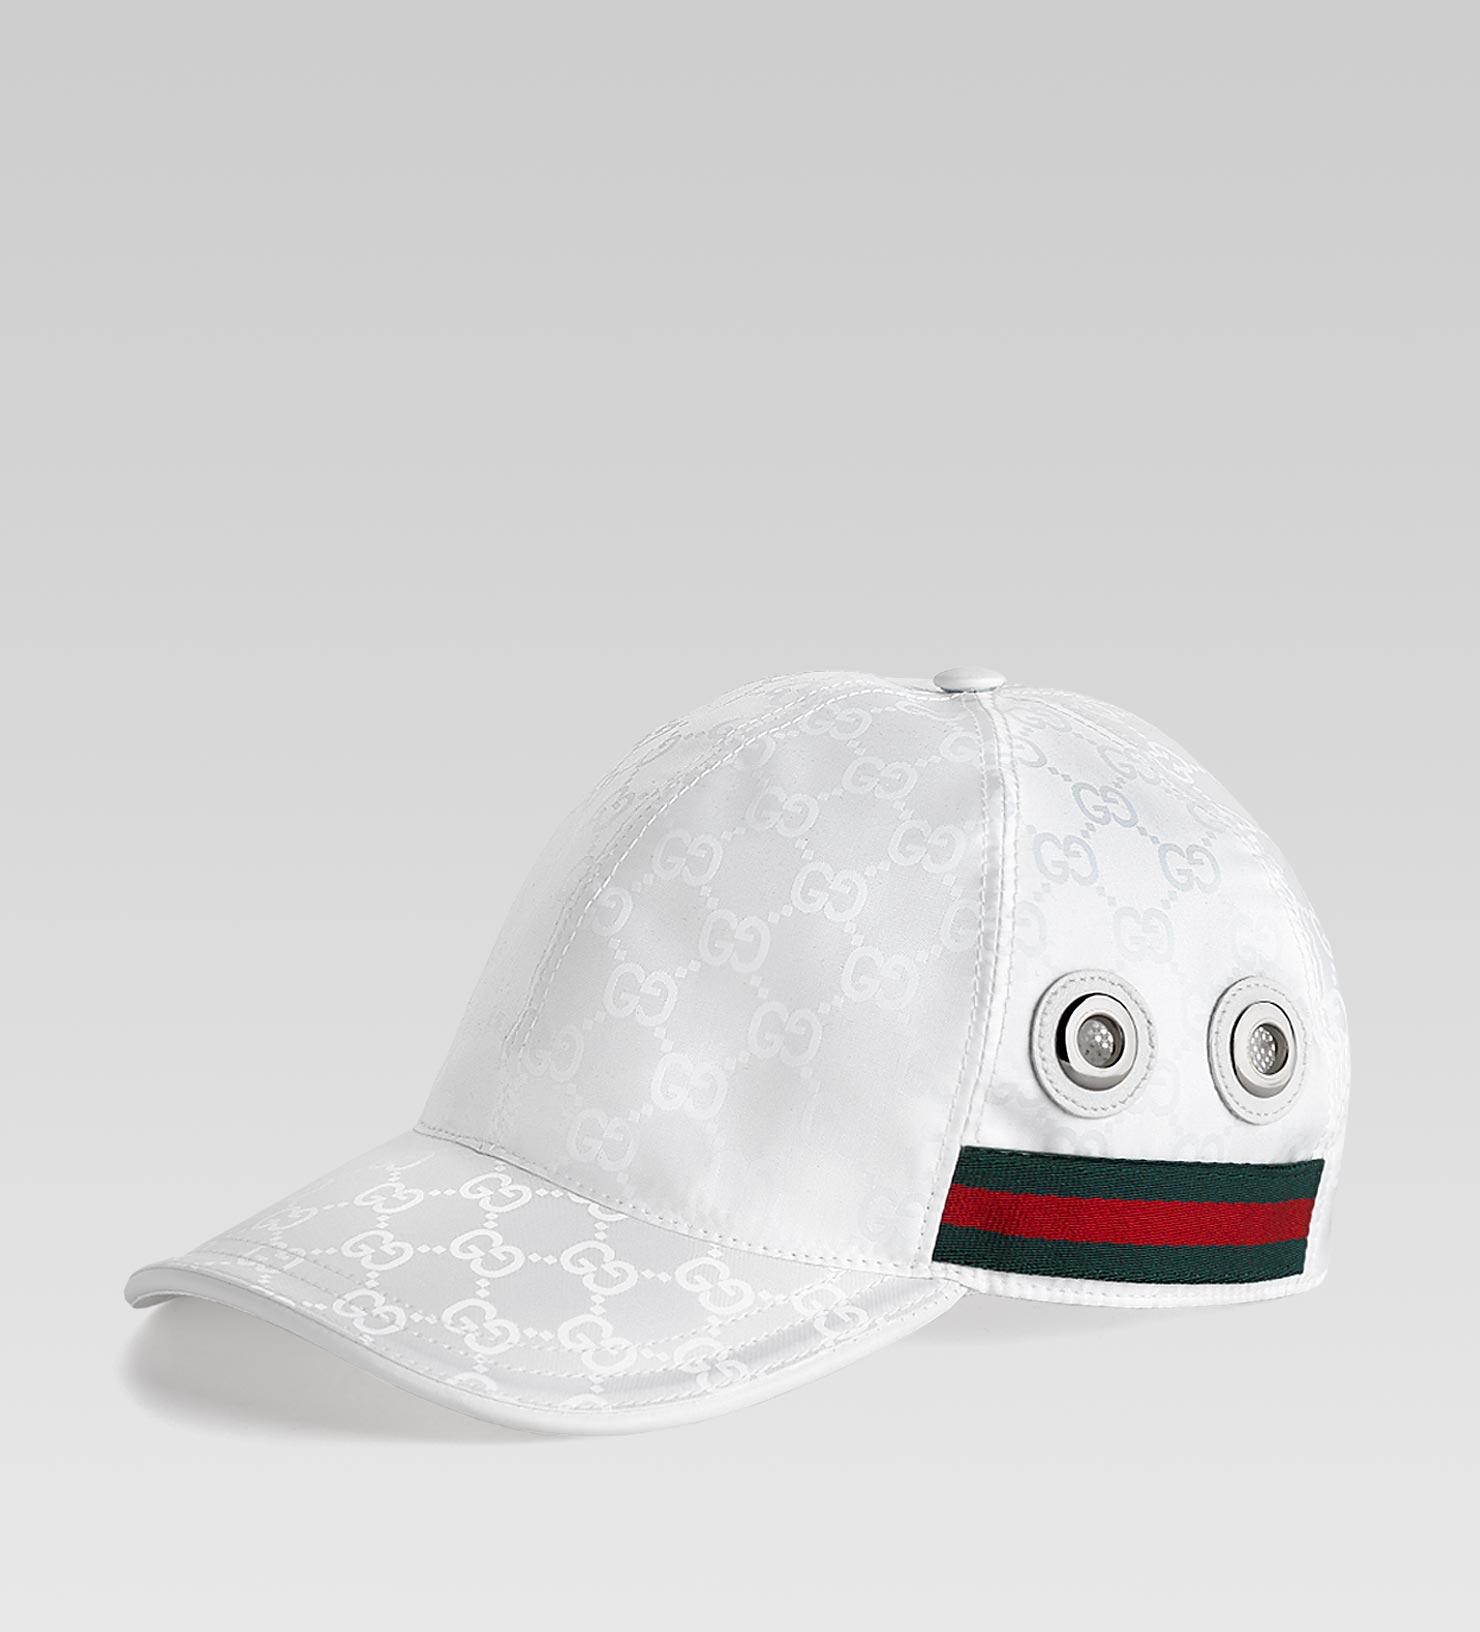 Gallery. Men s Wide Brim Hats Men s New Era 59fifty Men s Snapbacks ... ec8d427d0a1